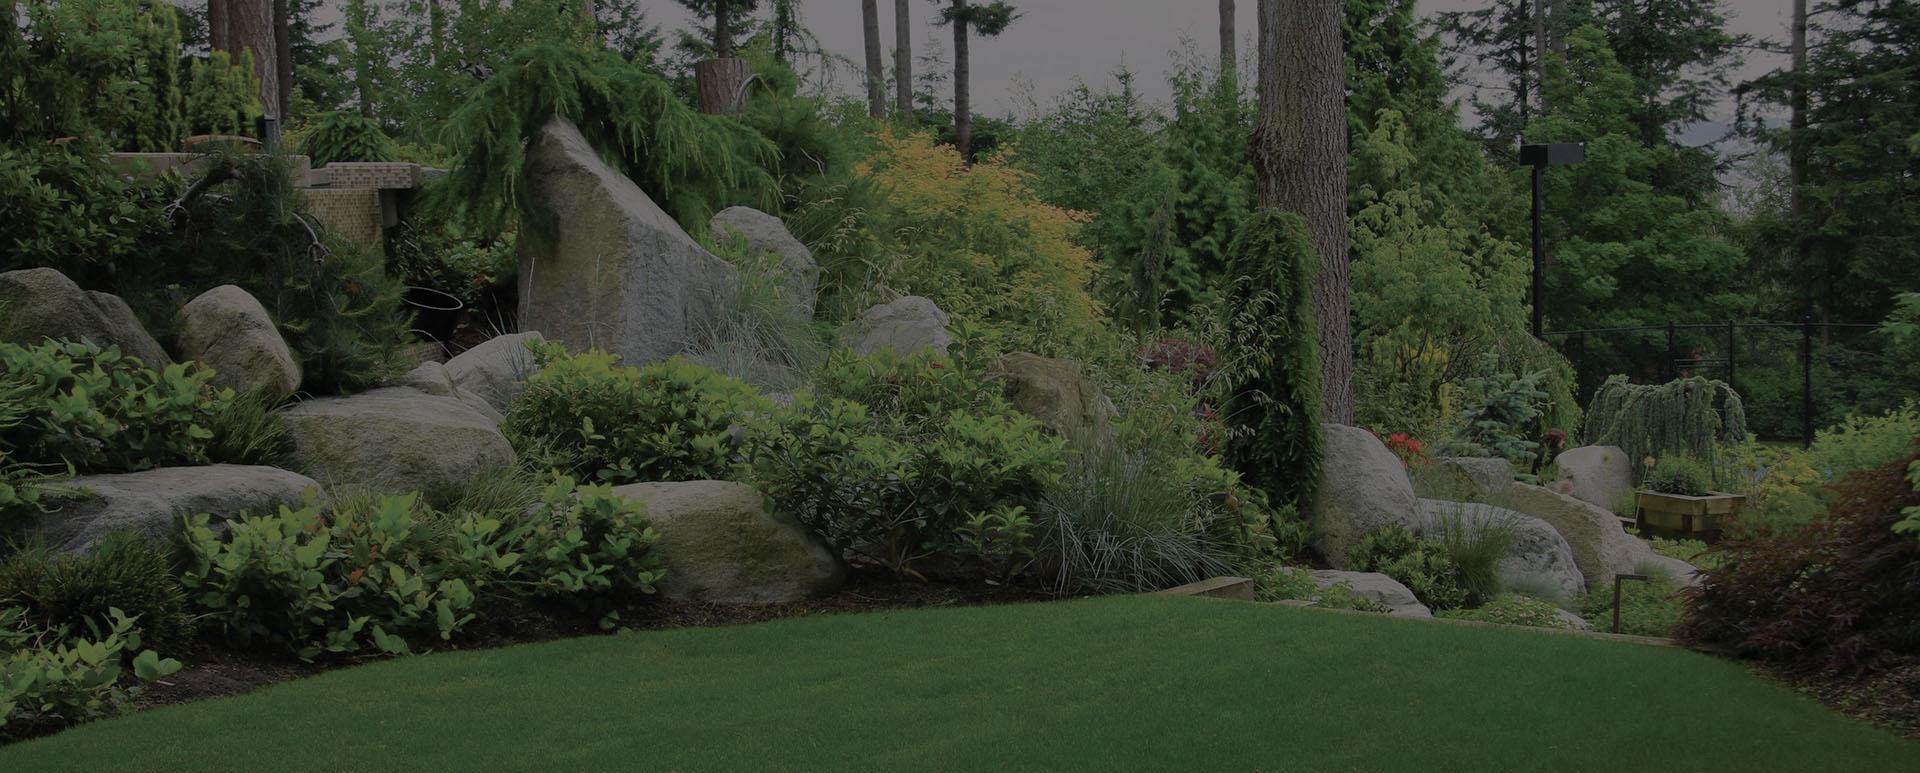 Rc parc et jardin cr ation et entretien d 39 espace vert for Espace vert 78